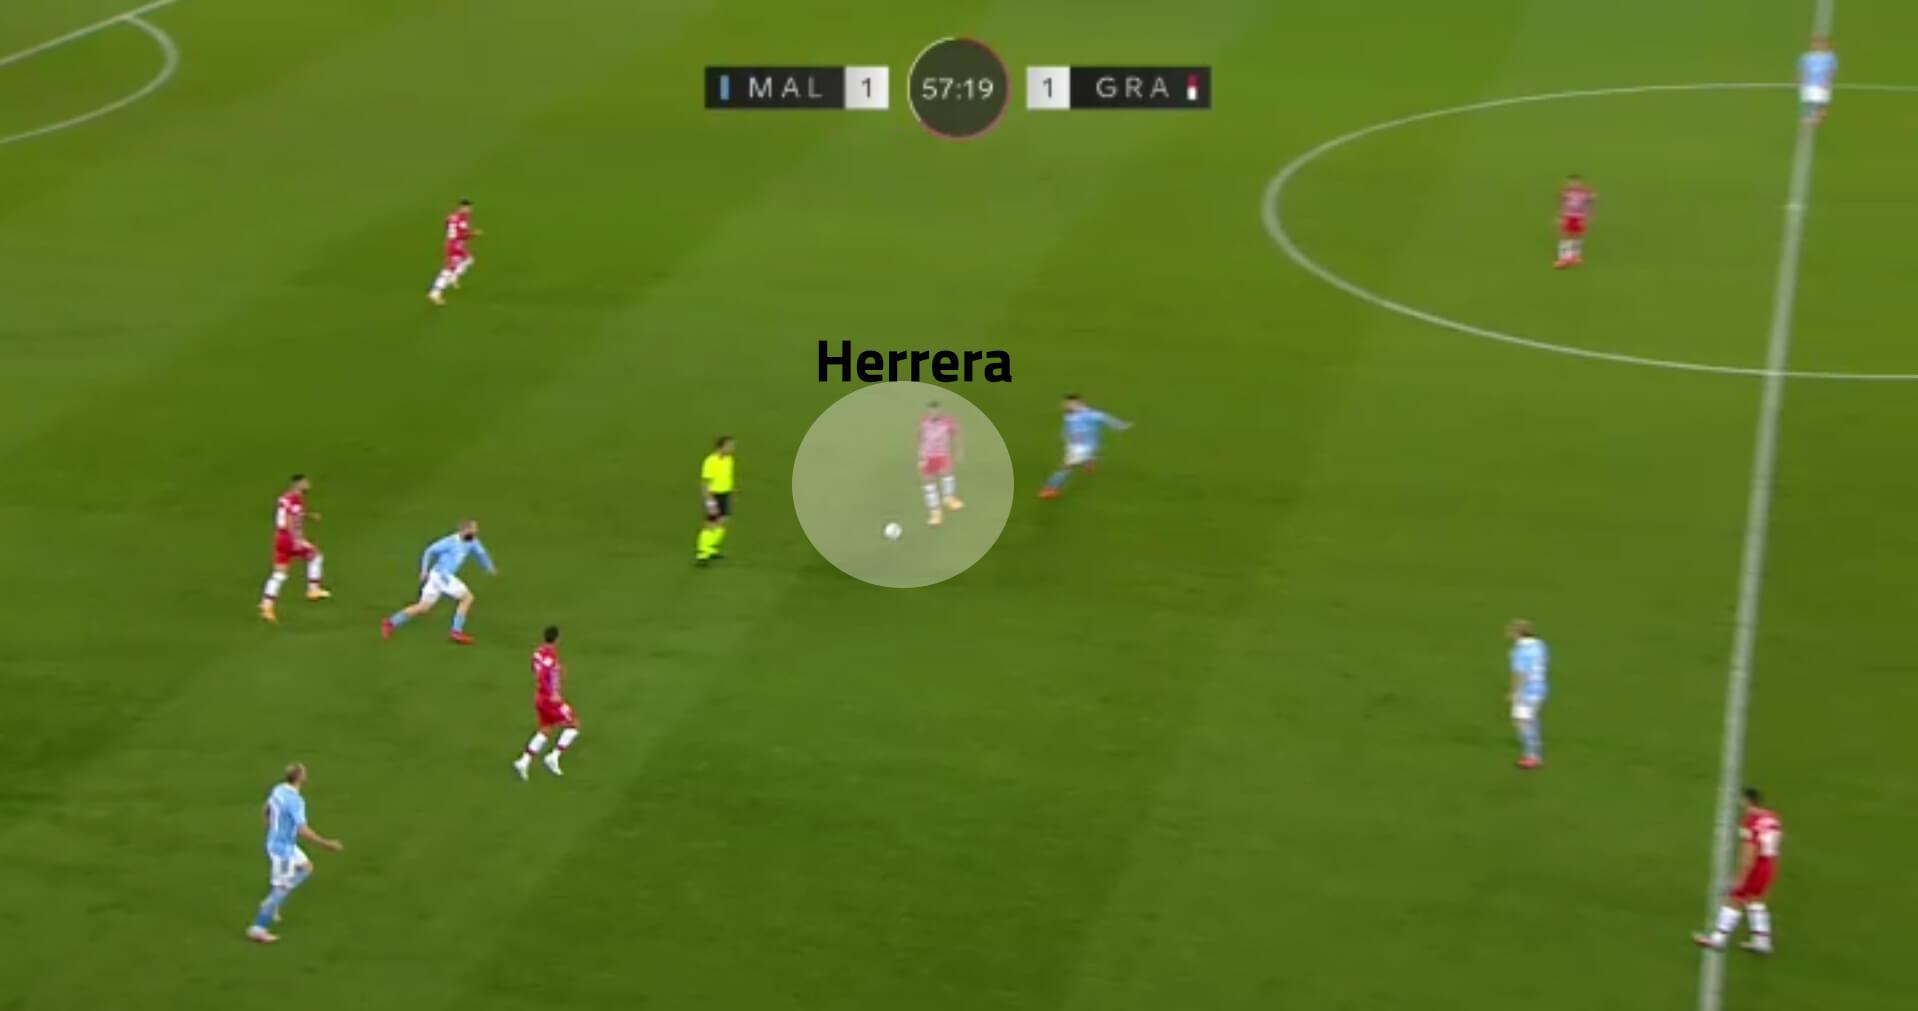 Yangel Herrera 2020/21 - scout report - tactical analysis tactics